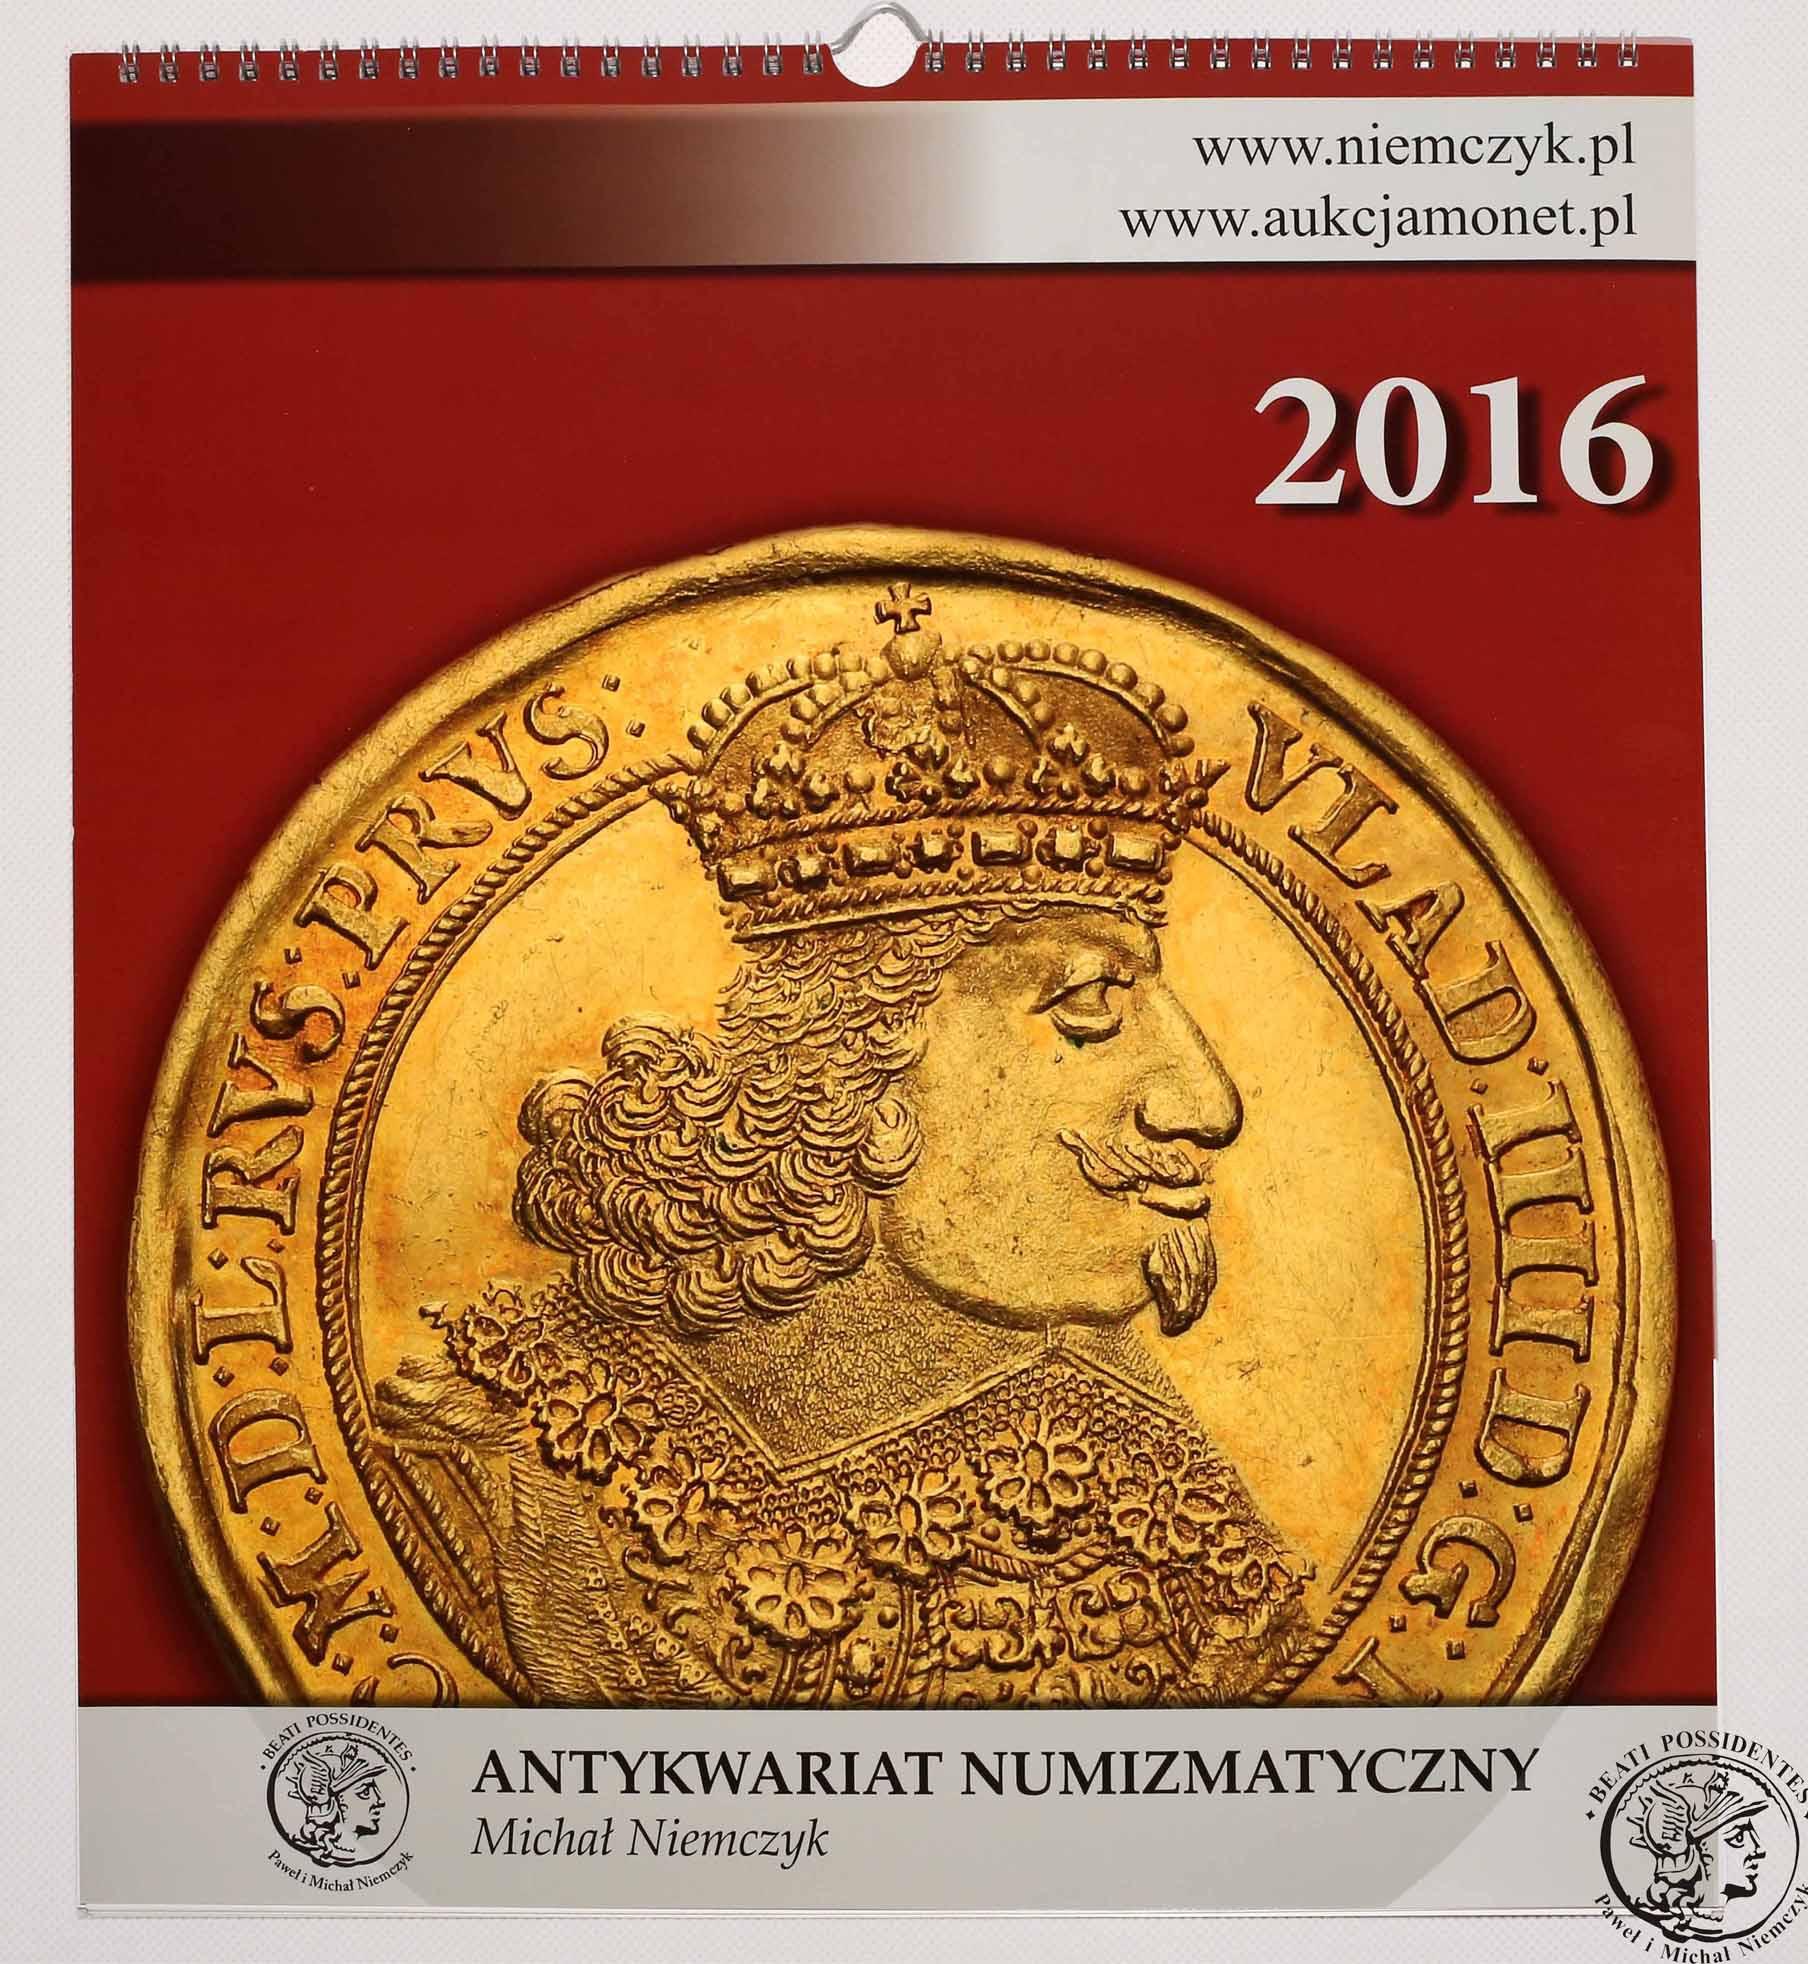 Kalendarz numizmatyczny 2016 - limitowana edycja! Kurier GRATIS